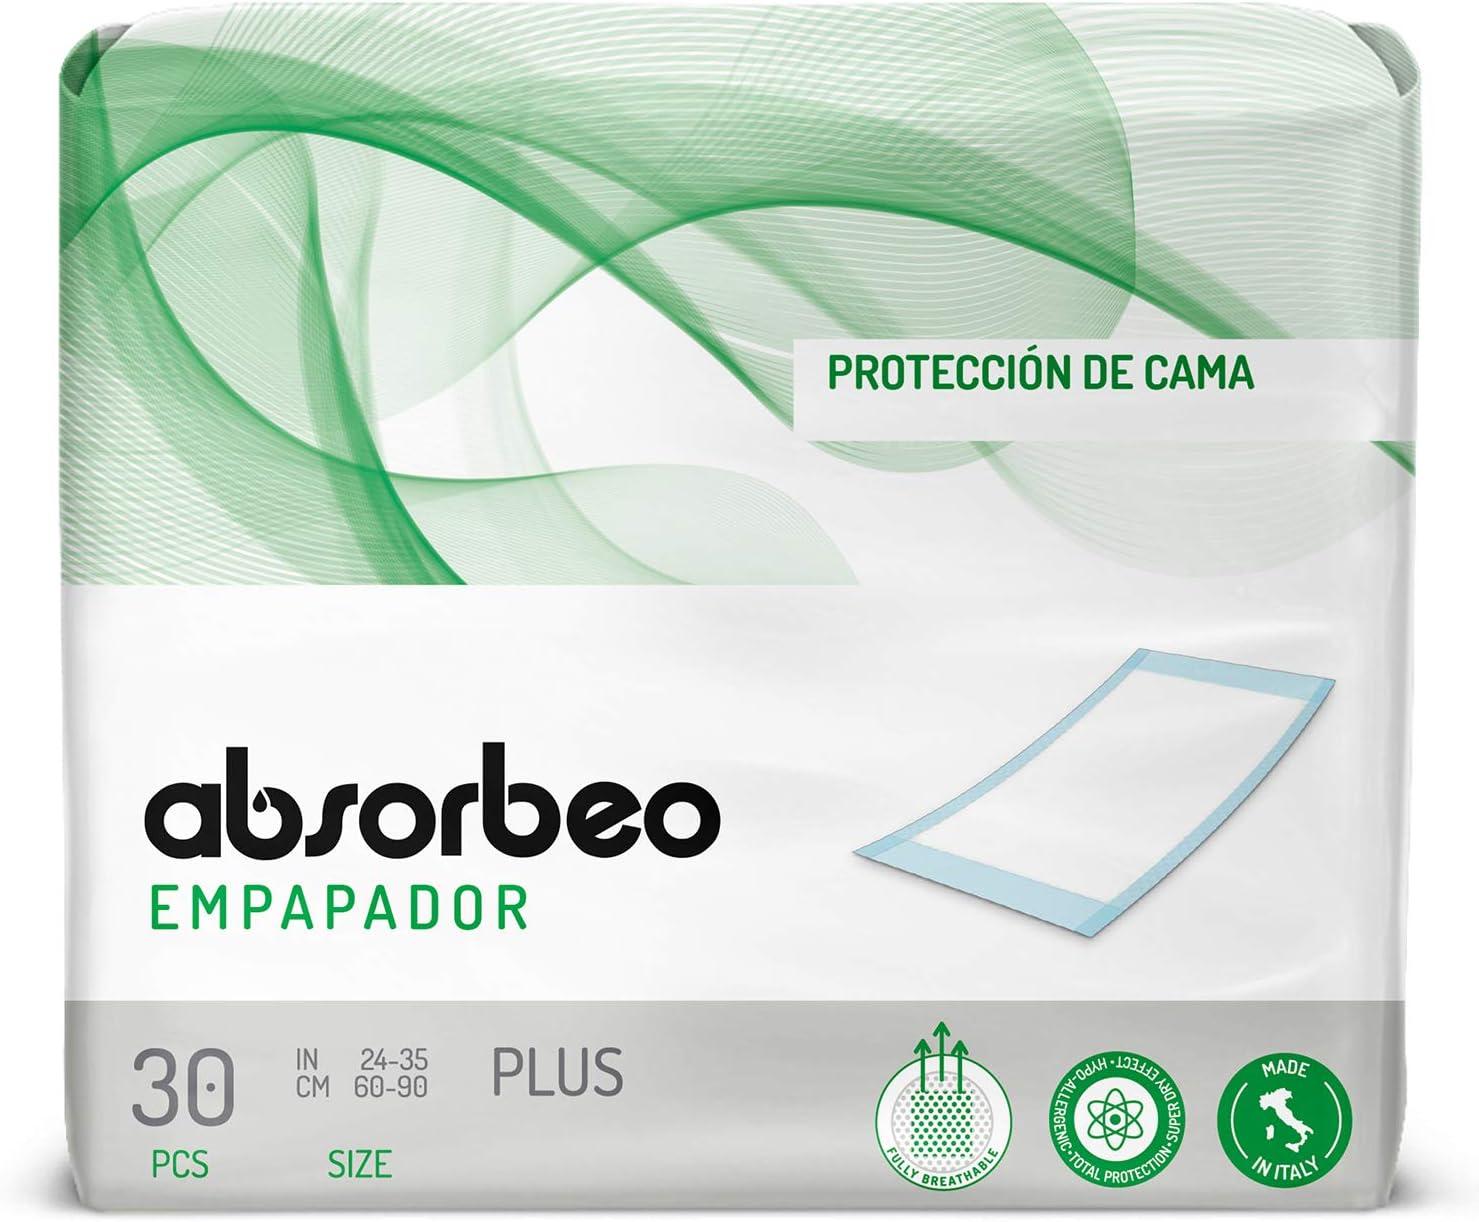 Empapador Plus – Protección de Cama, 60 X 90 cm (30 protecciones x paquete)